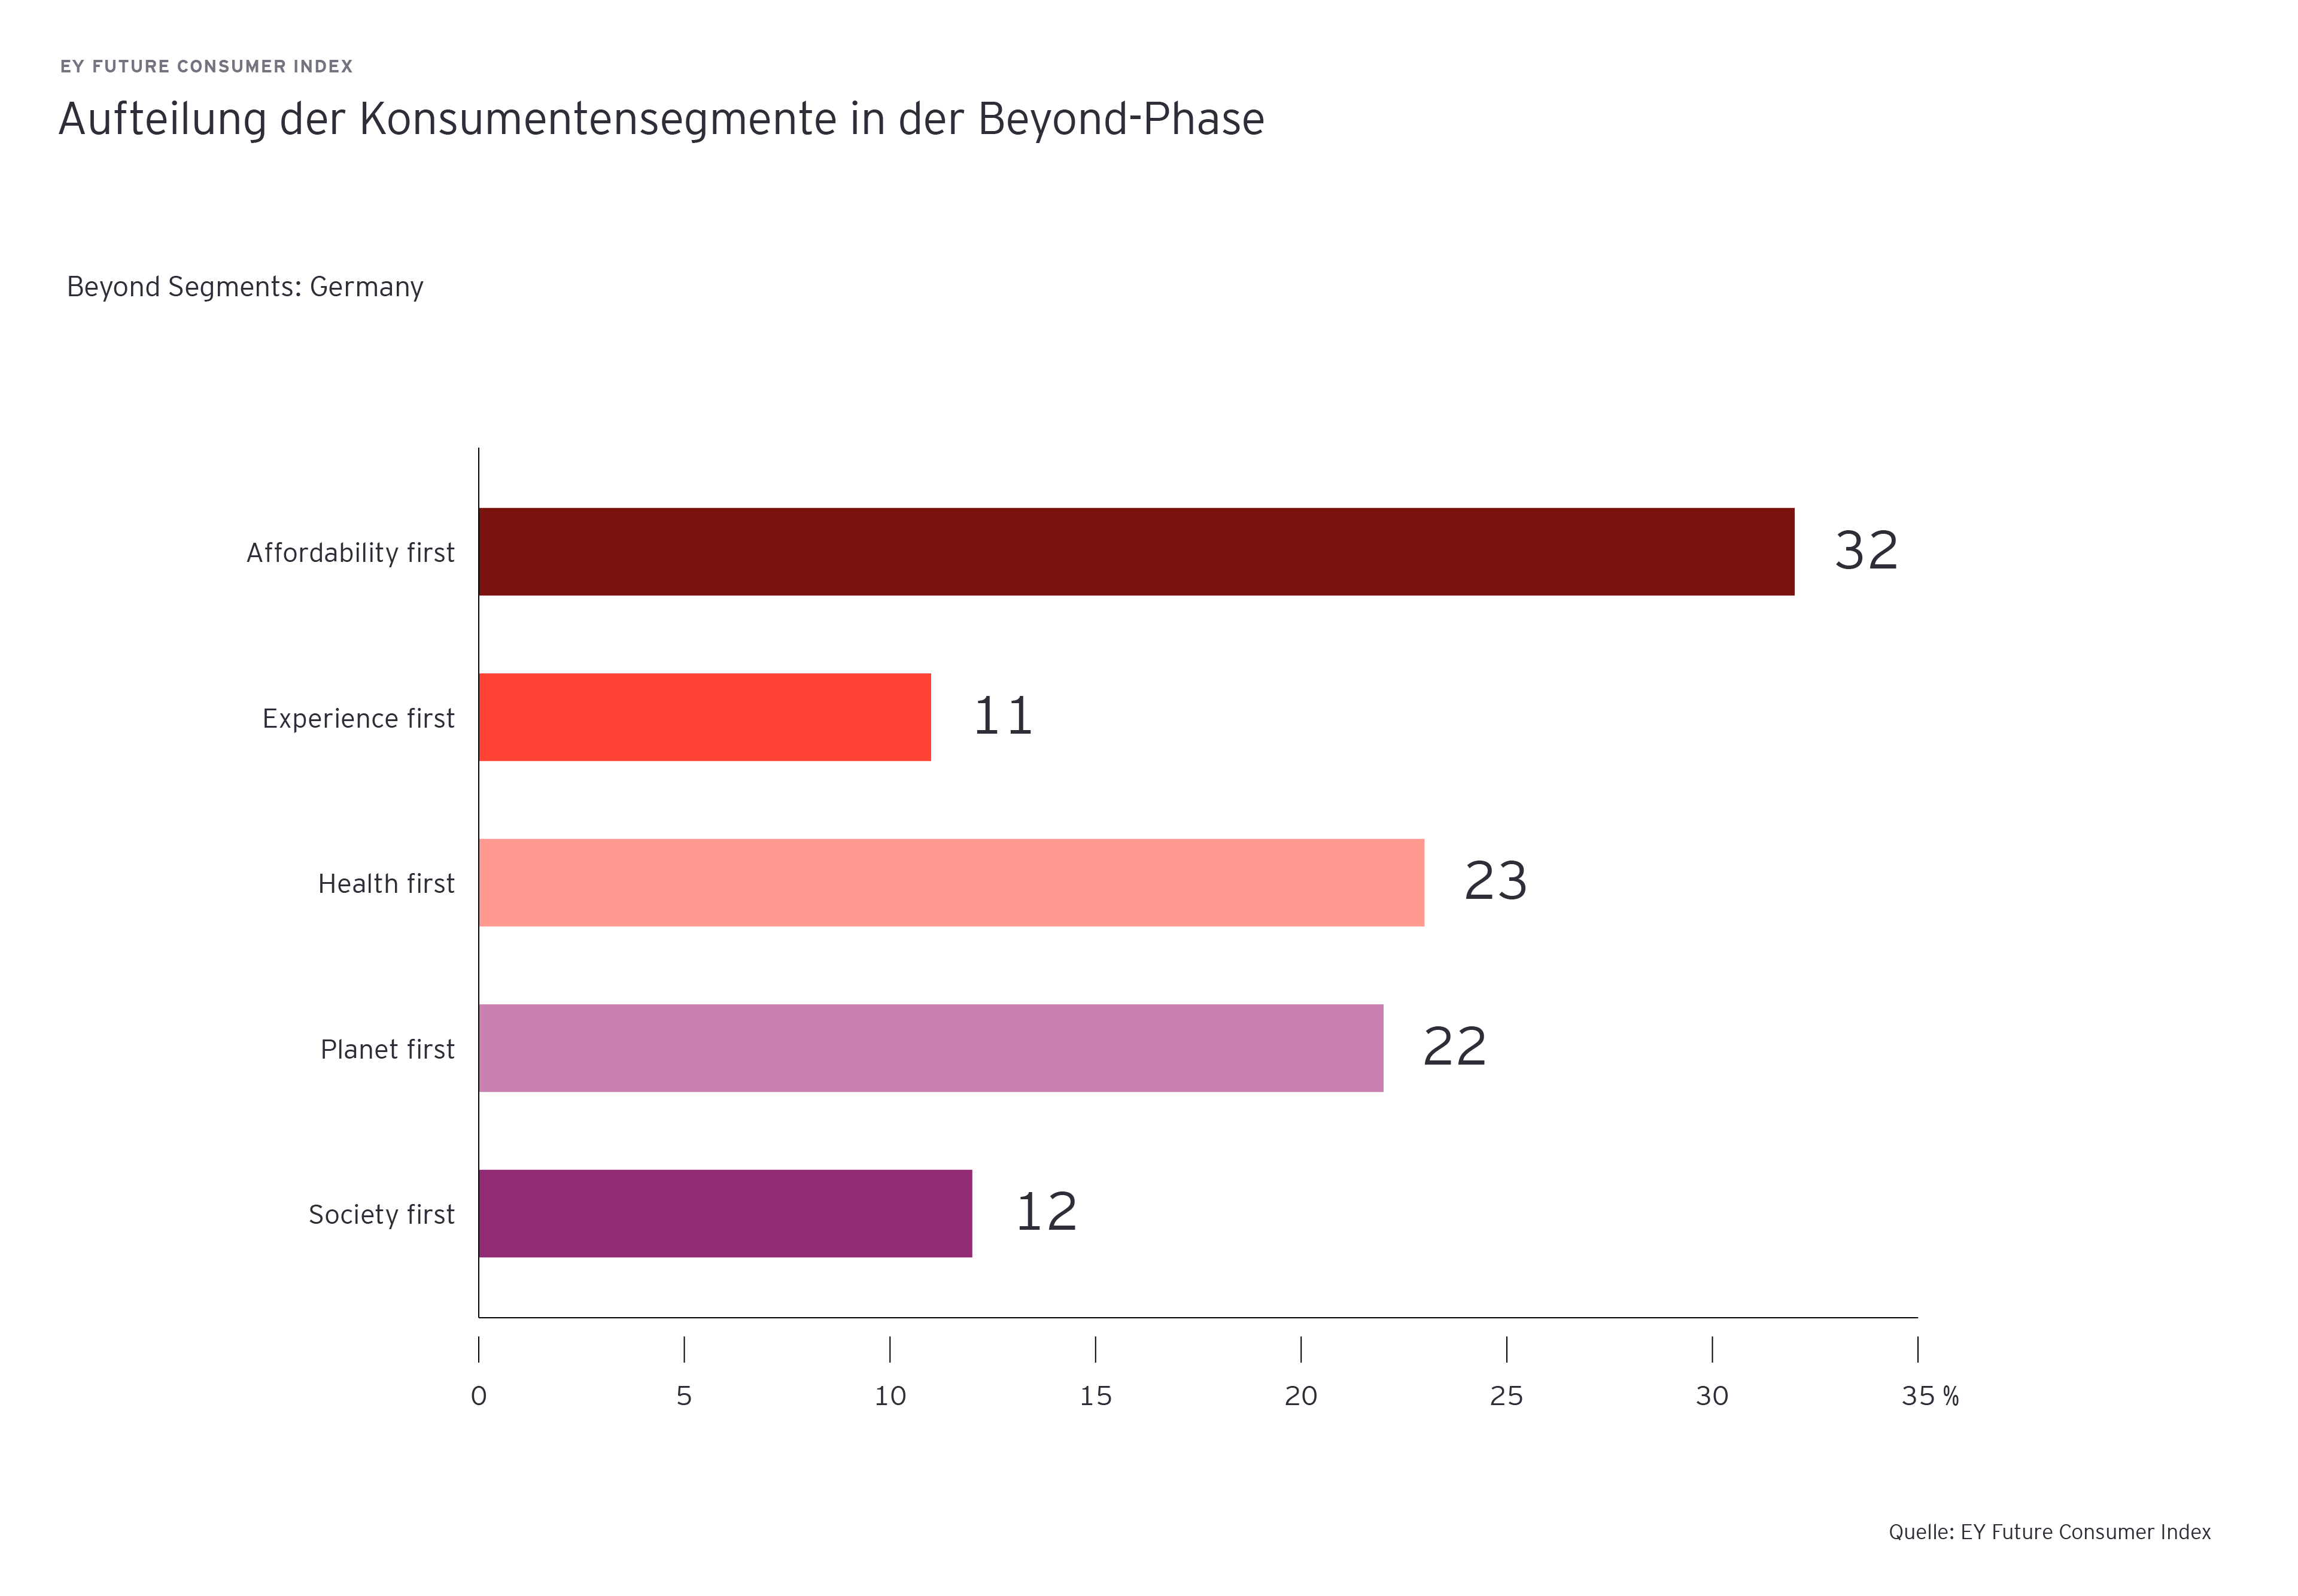 Diagramm zeigt Aufteilung der Konsumentensegmente in der Beyond-Phase